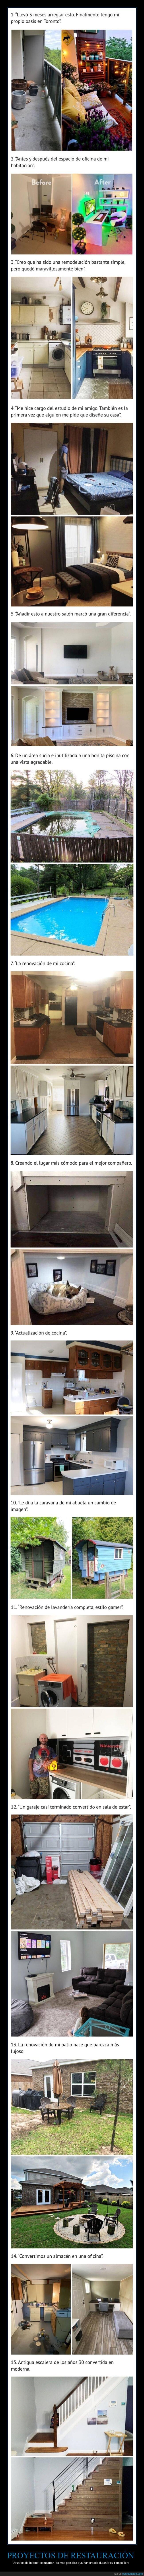 antes,después,proyectos,restauración